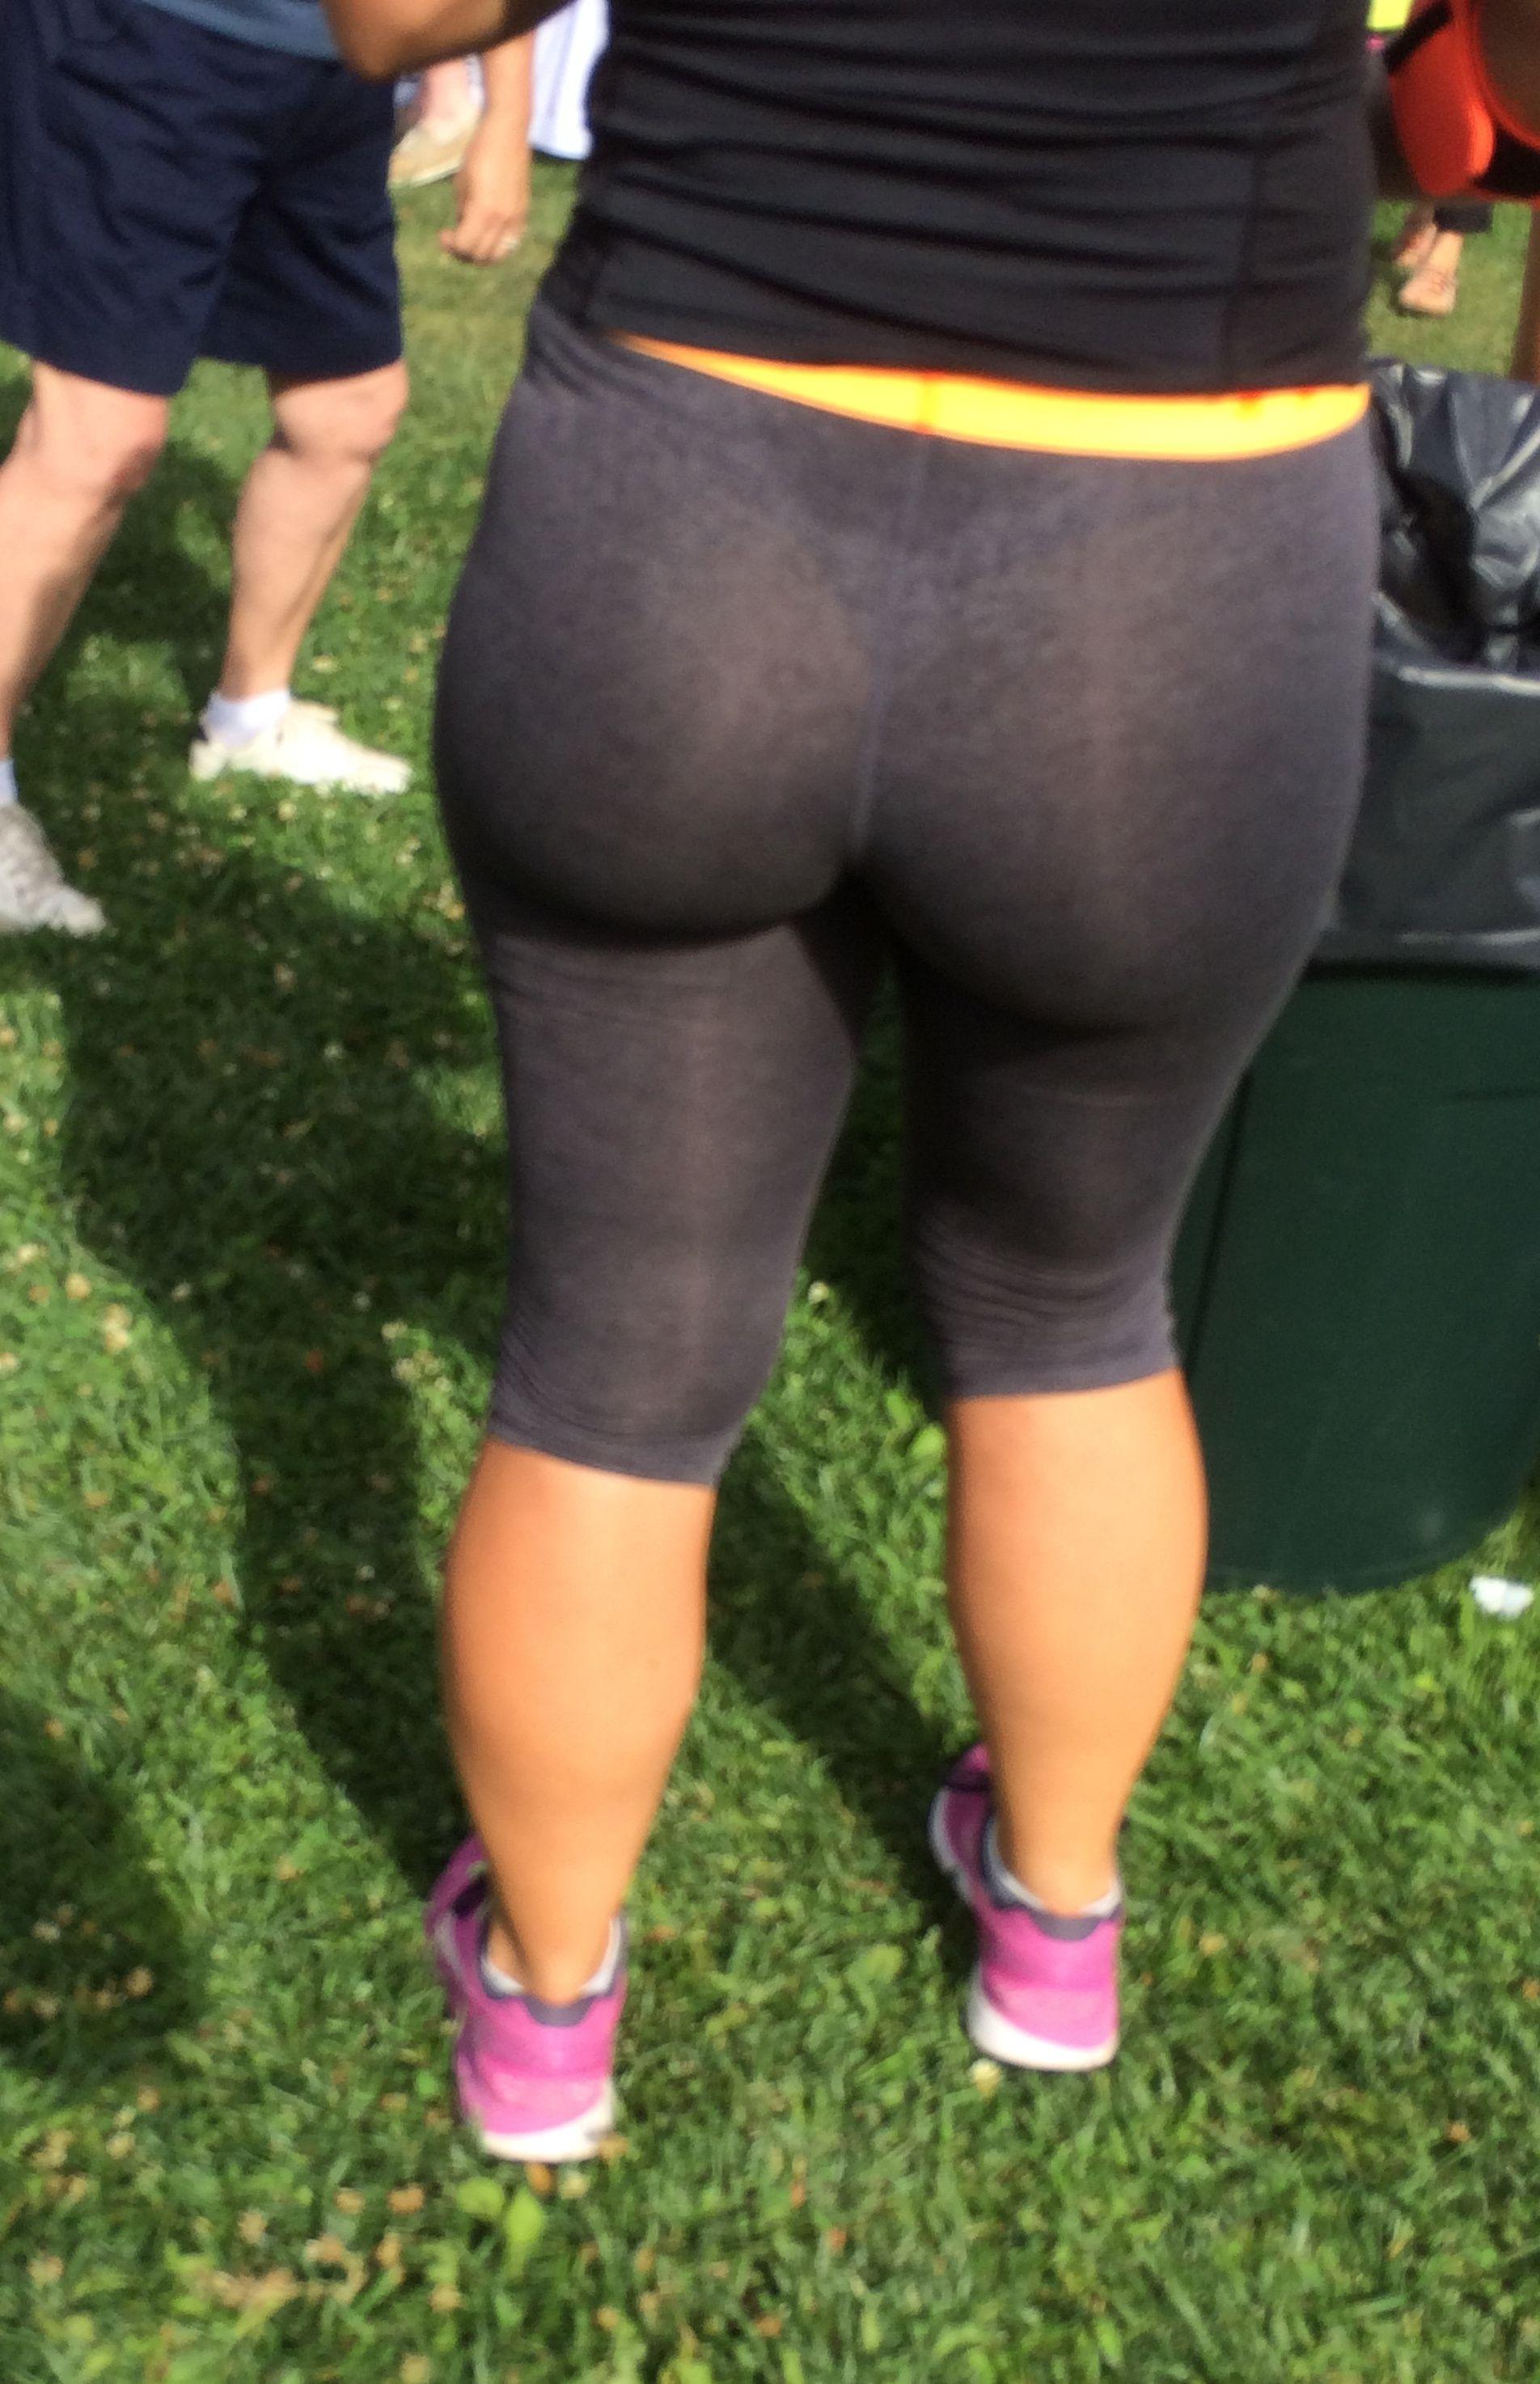 Hot ass candids